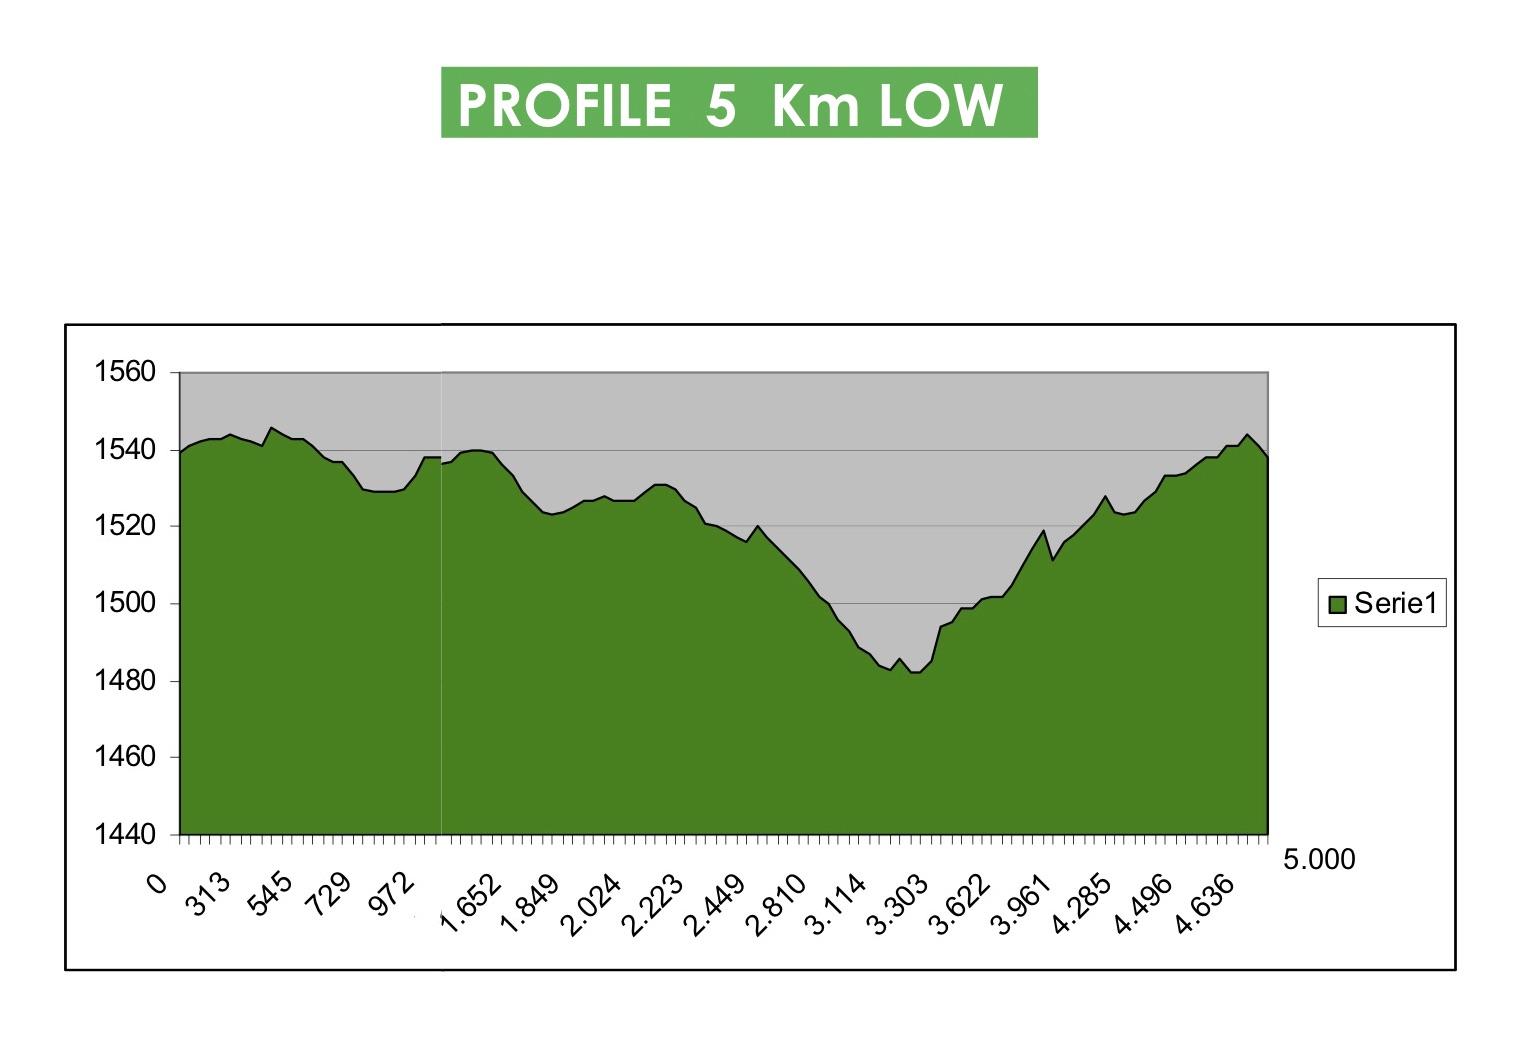 Piste WMA EN 5km low profile